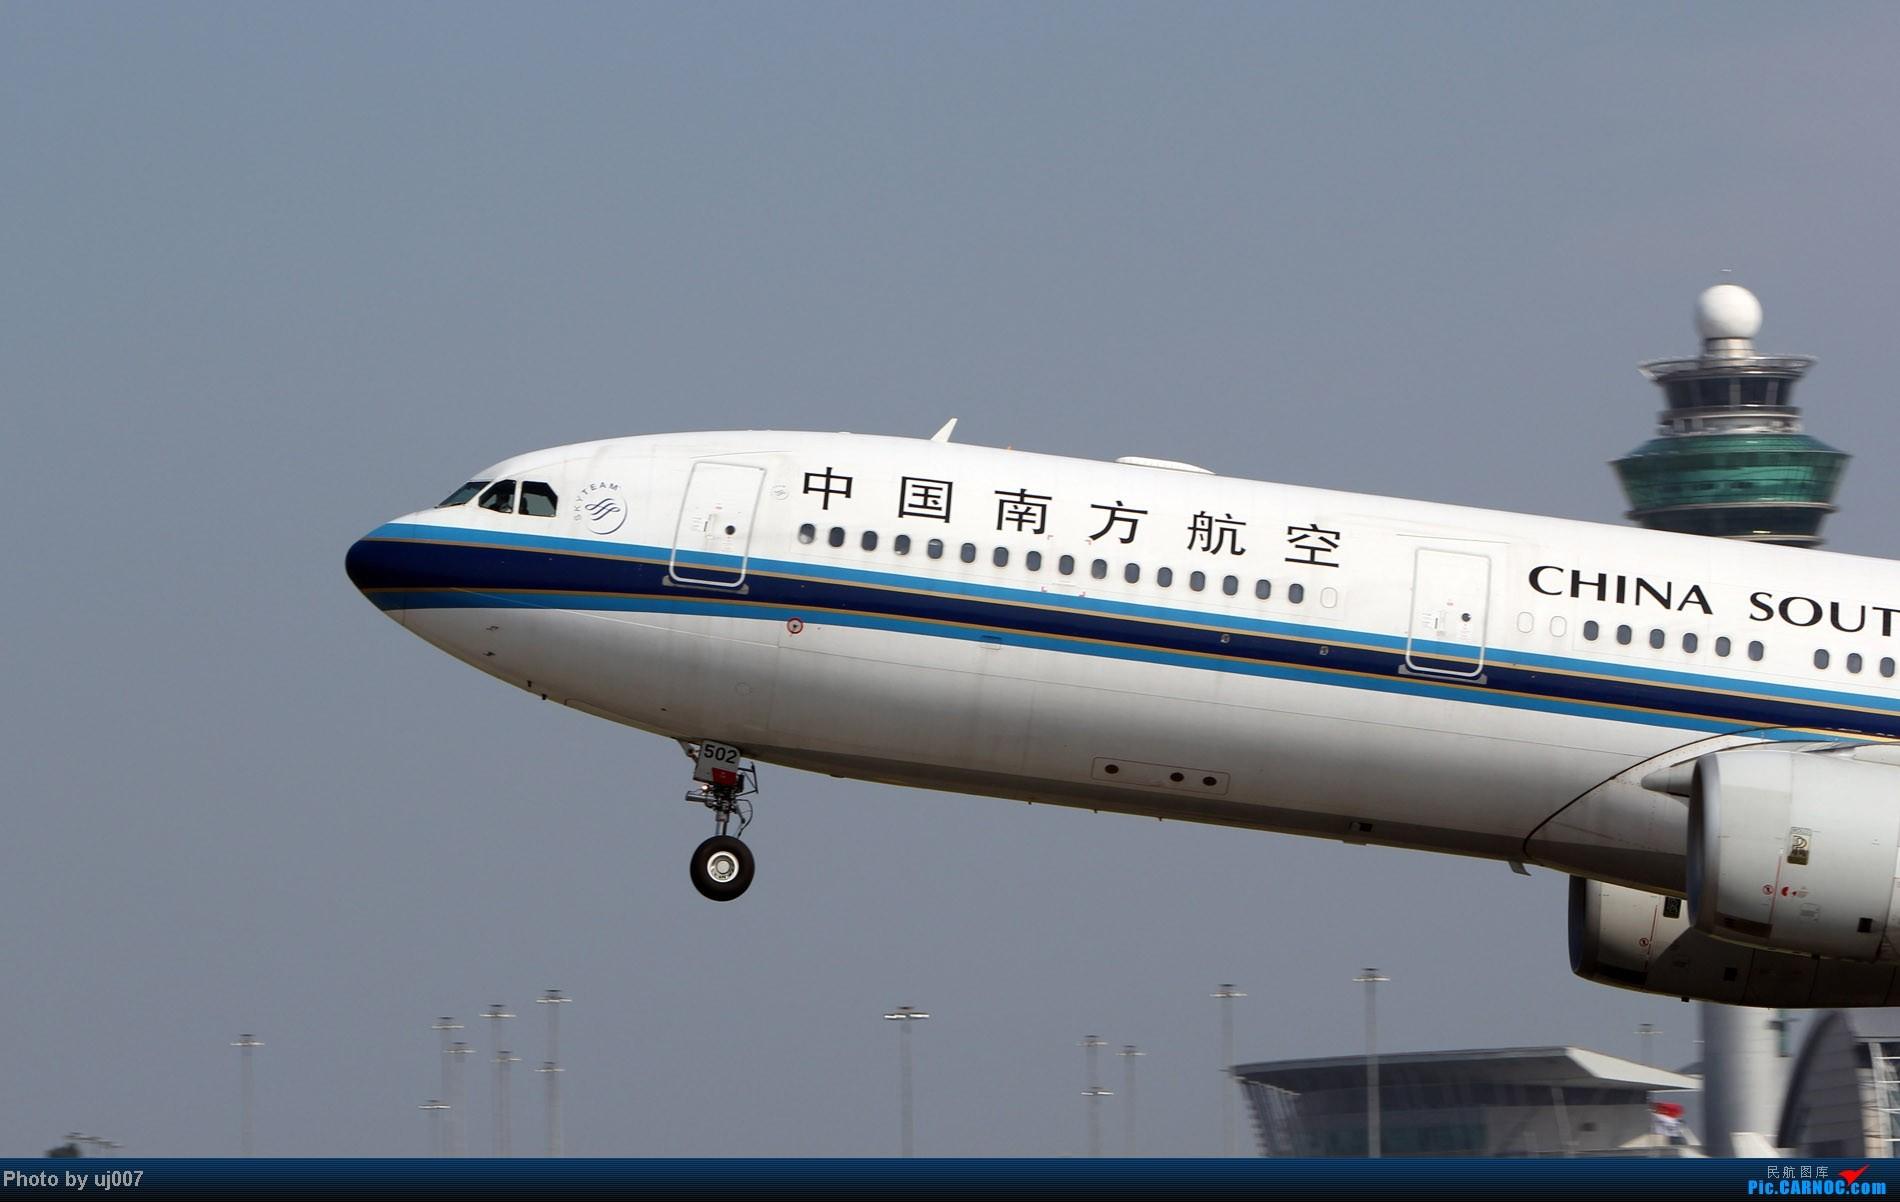 Re:[原创]10月2日白云拍机,超级多图系列(大飞机,特别妆,外航,闪灯,擦烟)求指点. AIRBUS A330-300 B-6502 中国广州白云机场